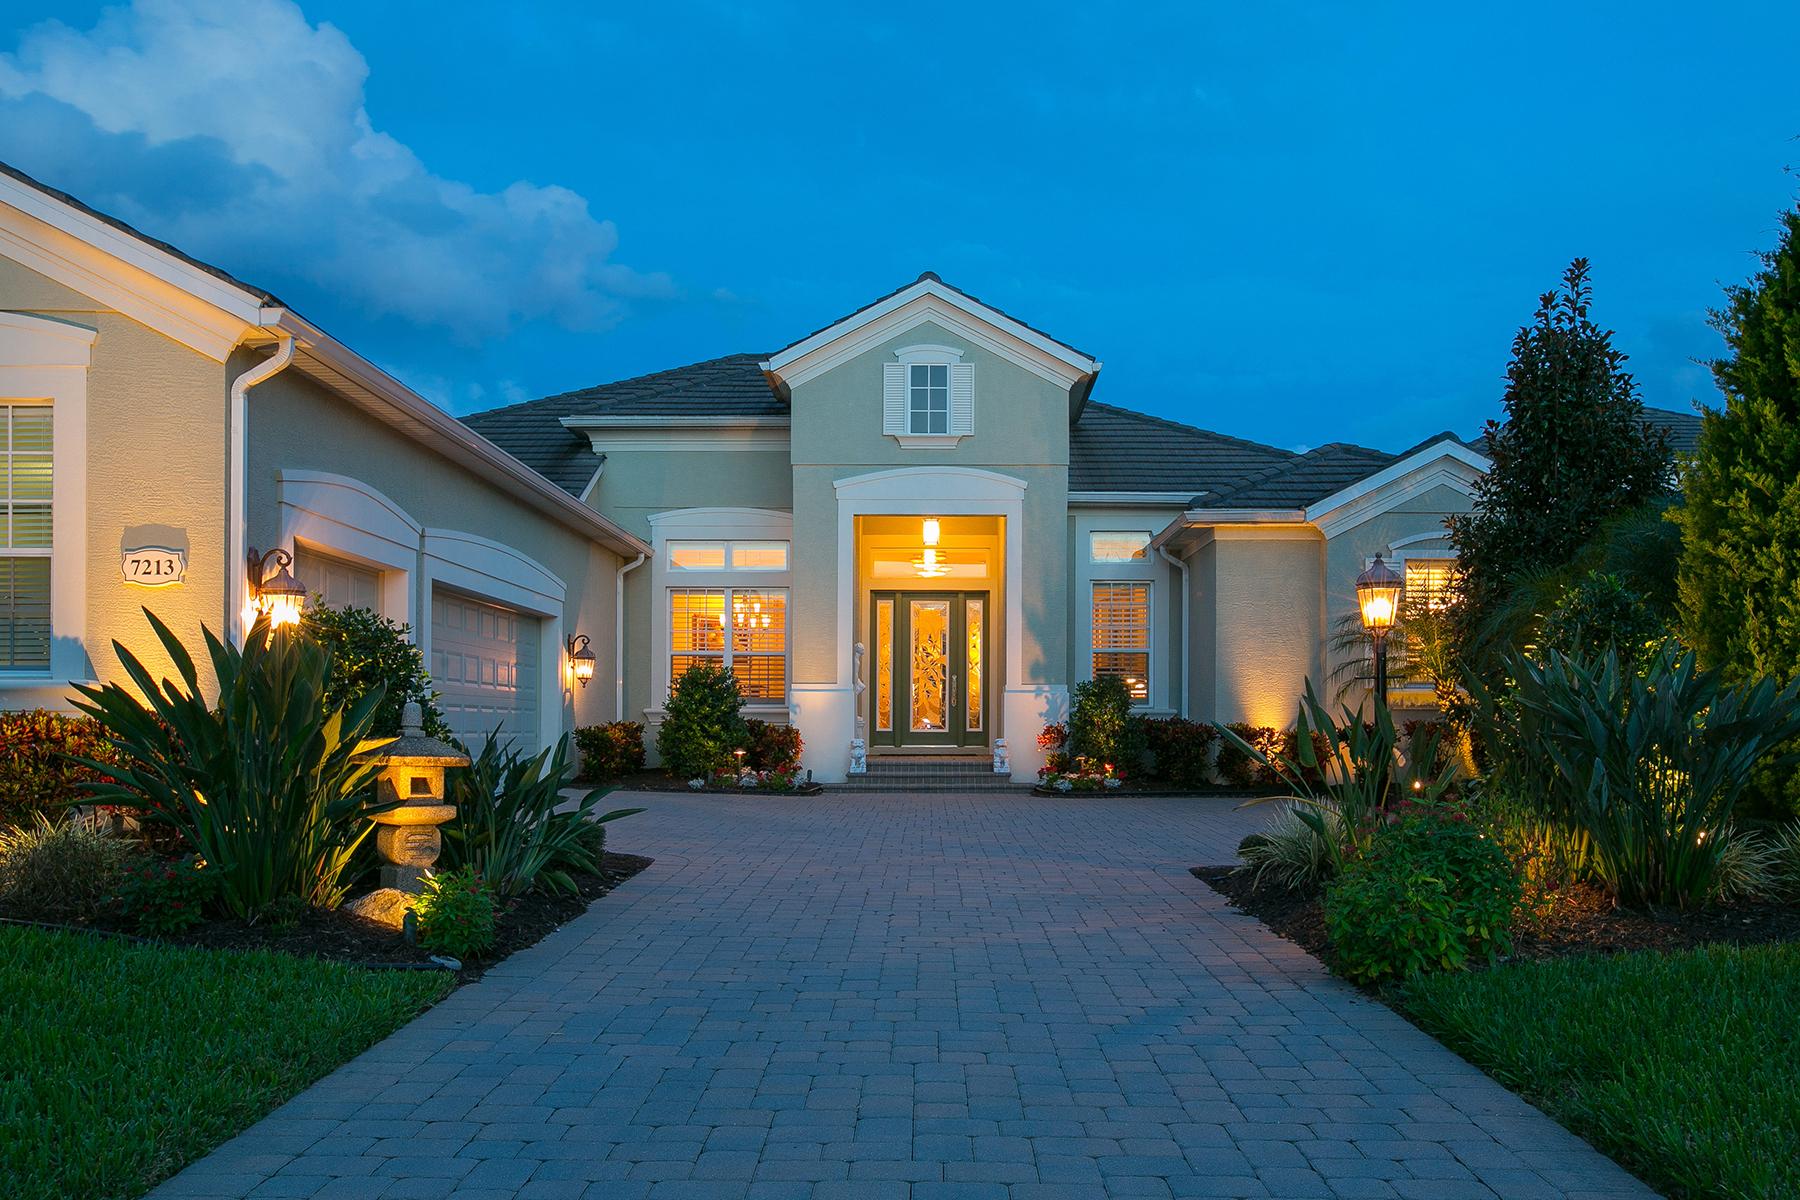 Nhà ở một gia đình vì Bán tại LAKEWOOD RANCH COUNTRY CLUB 7213 Greystone St Lakewood Ranch, Florida, 34202 Hoa Kỳ